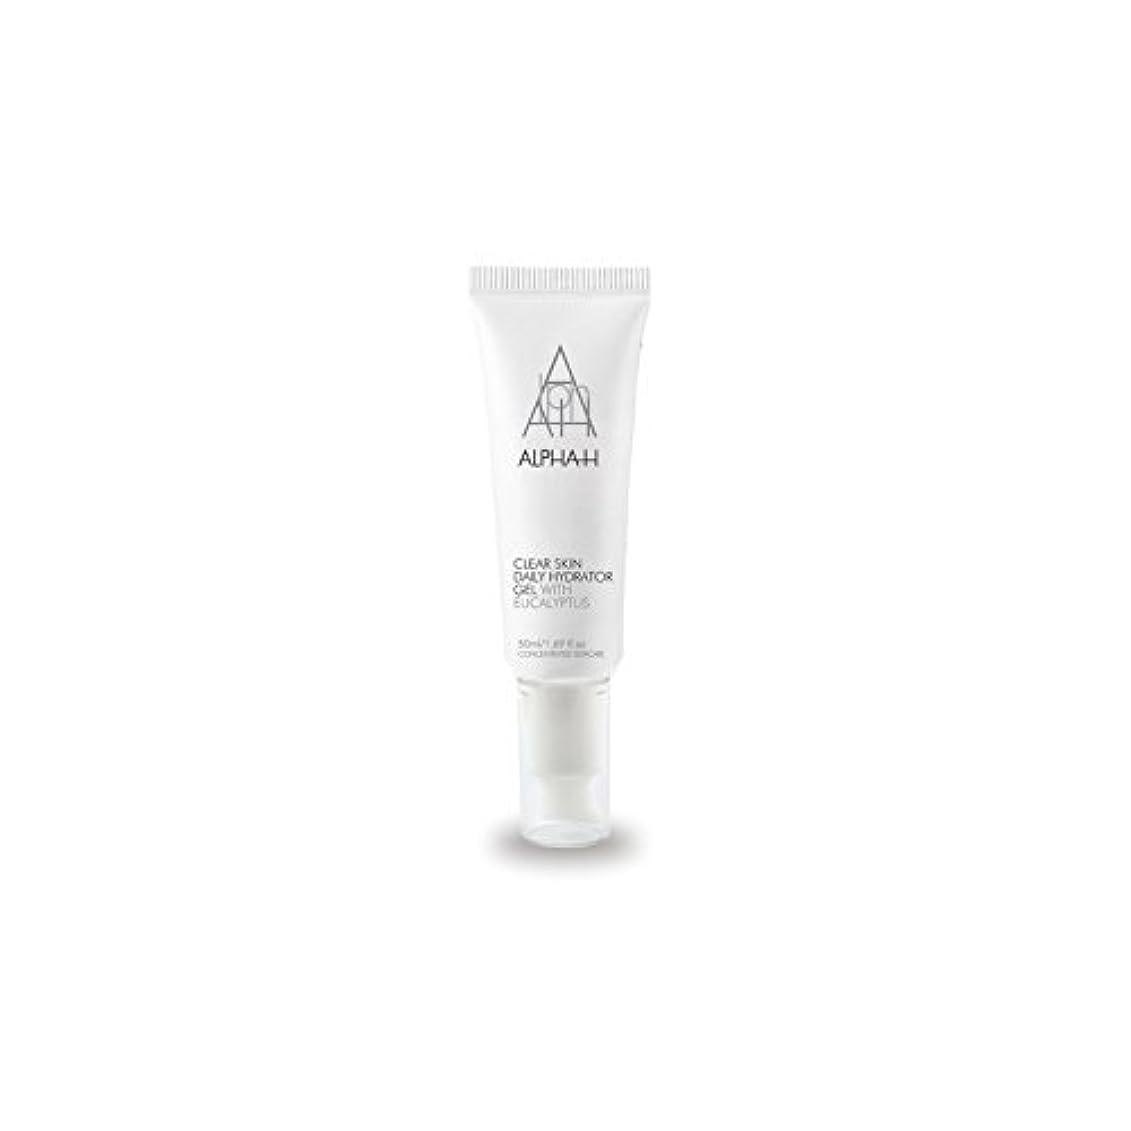 ベーカリーコロニアル評決アルファクリア皮膚毎日ハイドレーターゲル(50)中 x4 - Alpha-H Clear Skin Daily Hydrator Gel (50ml) (Pack of 4) [並行輸入品]